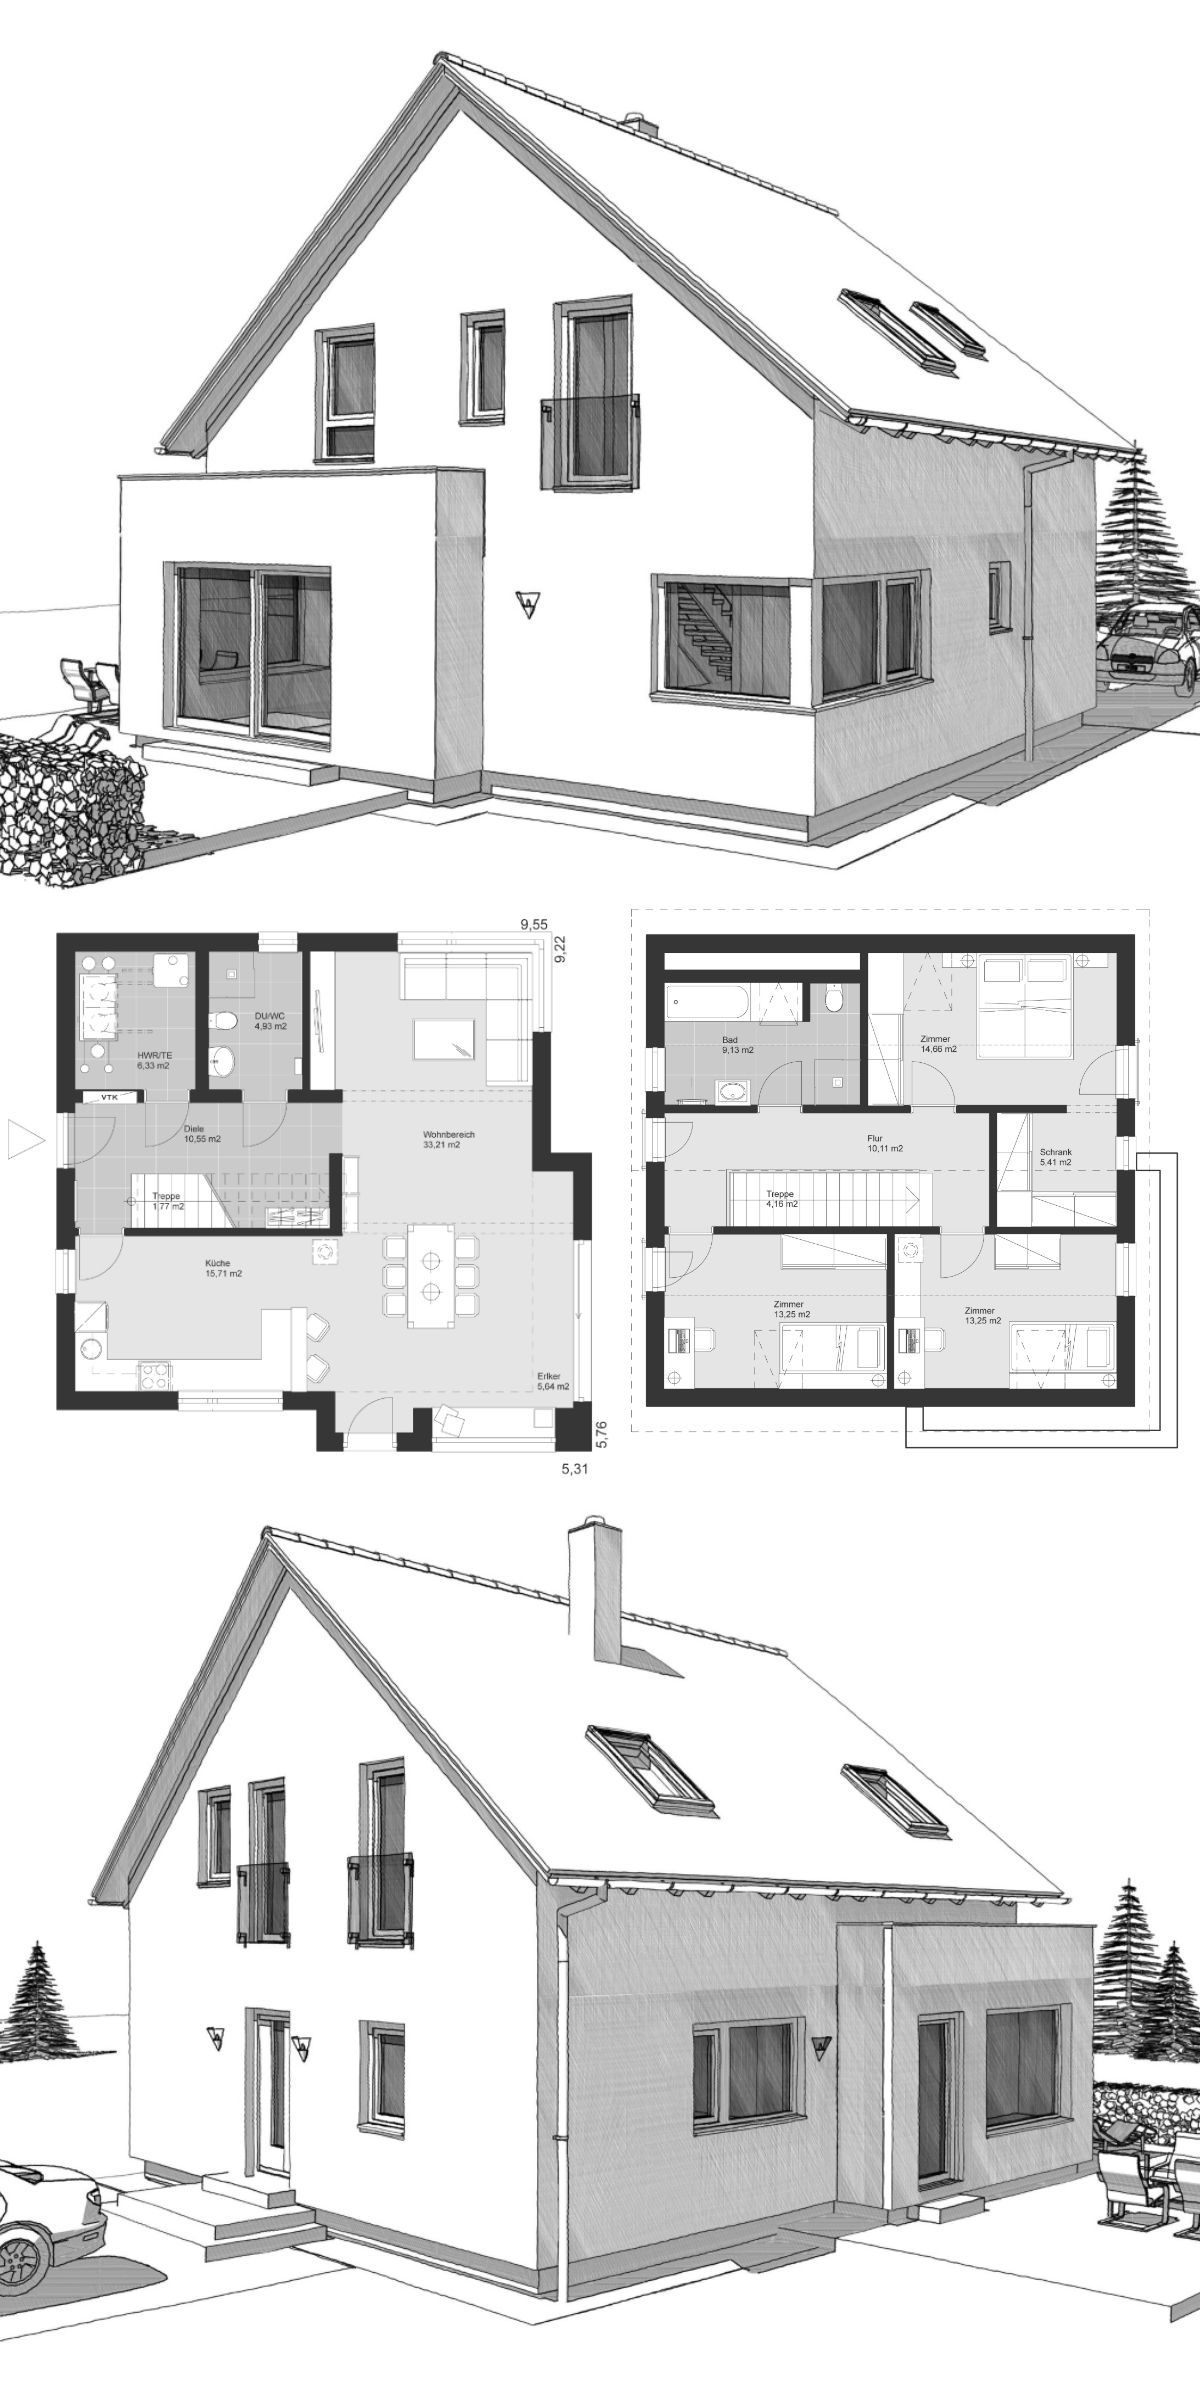 Modernes einfamilienhaus neubau grundriss klassisch mit for Architektur klassisch